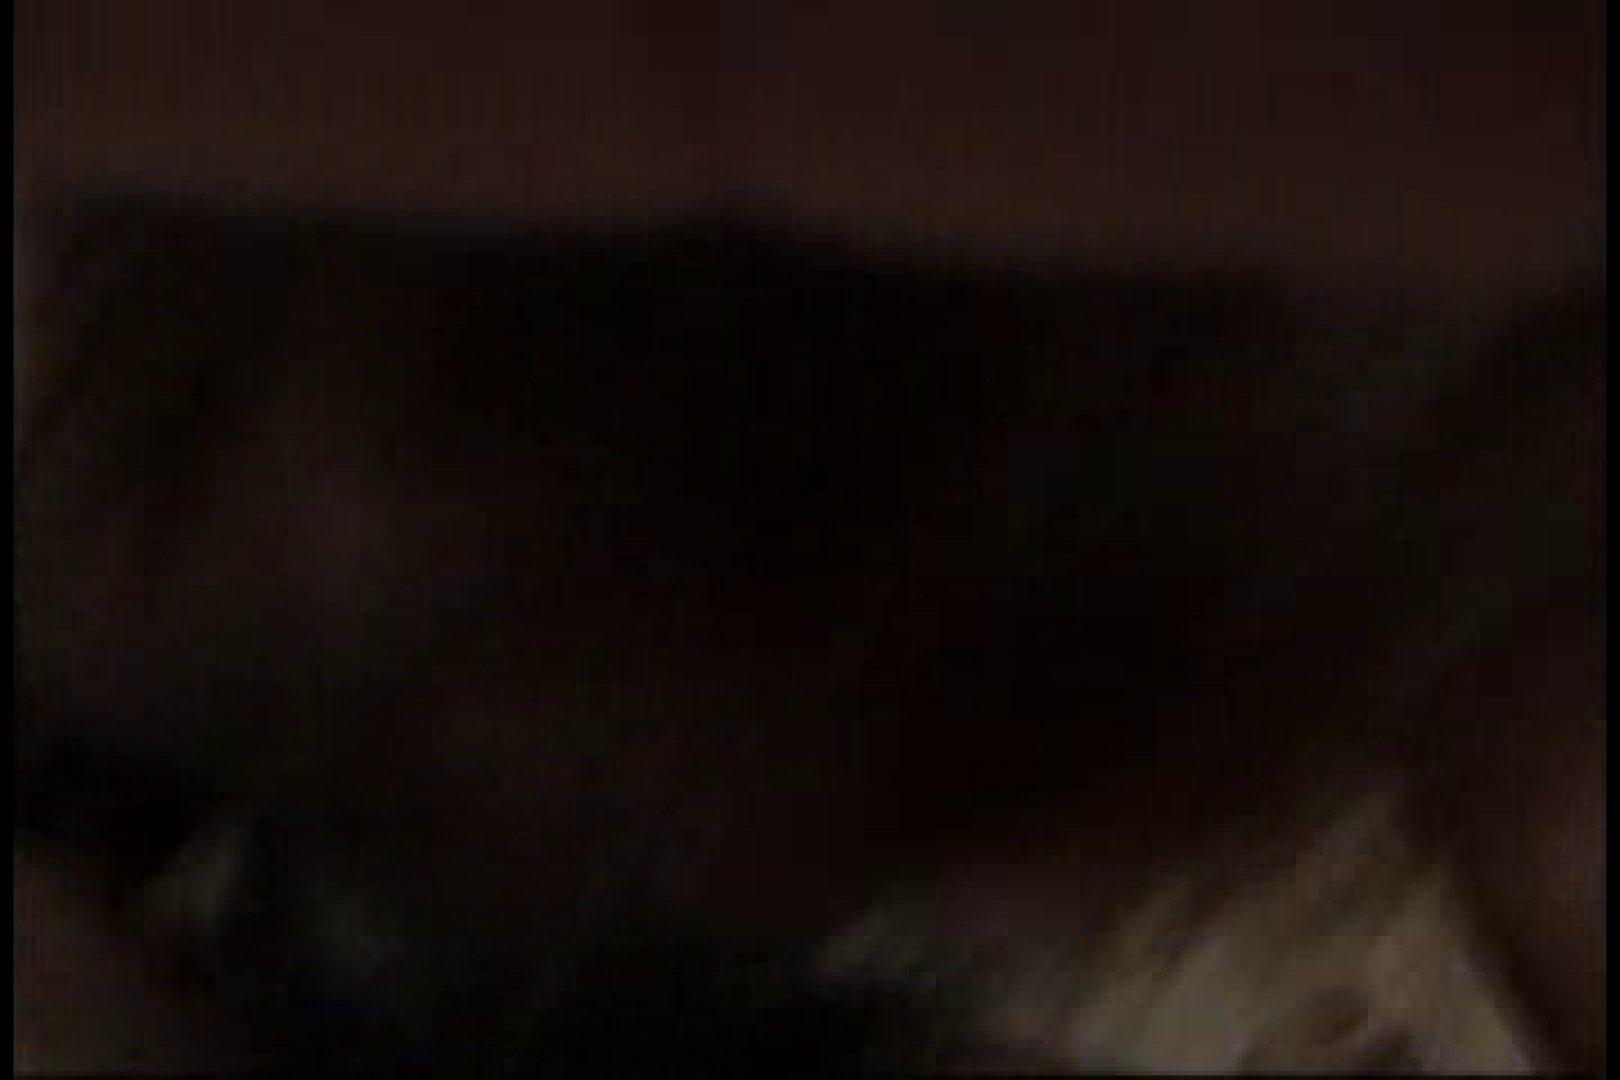 三ッ星シリーズ!!イケメン羞恥心File.05 ハメ撮り ゲイエロビデオ画像 92枚 76